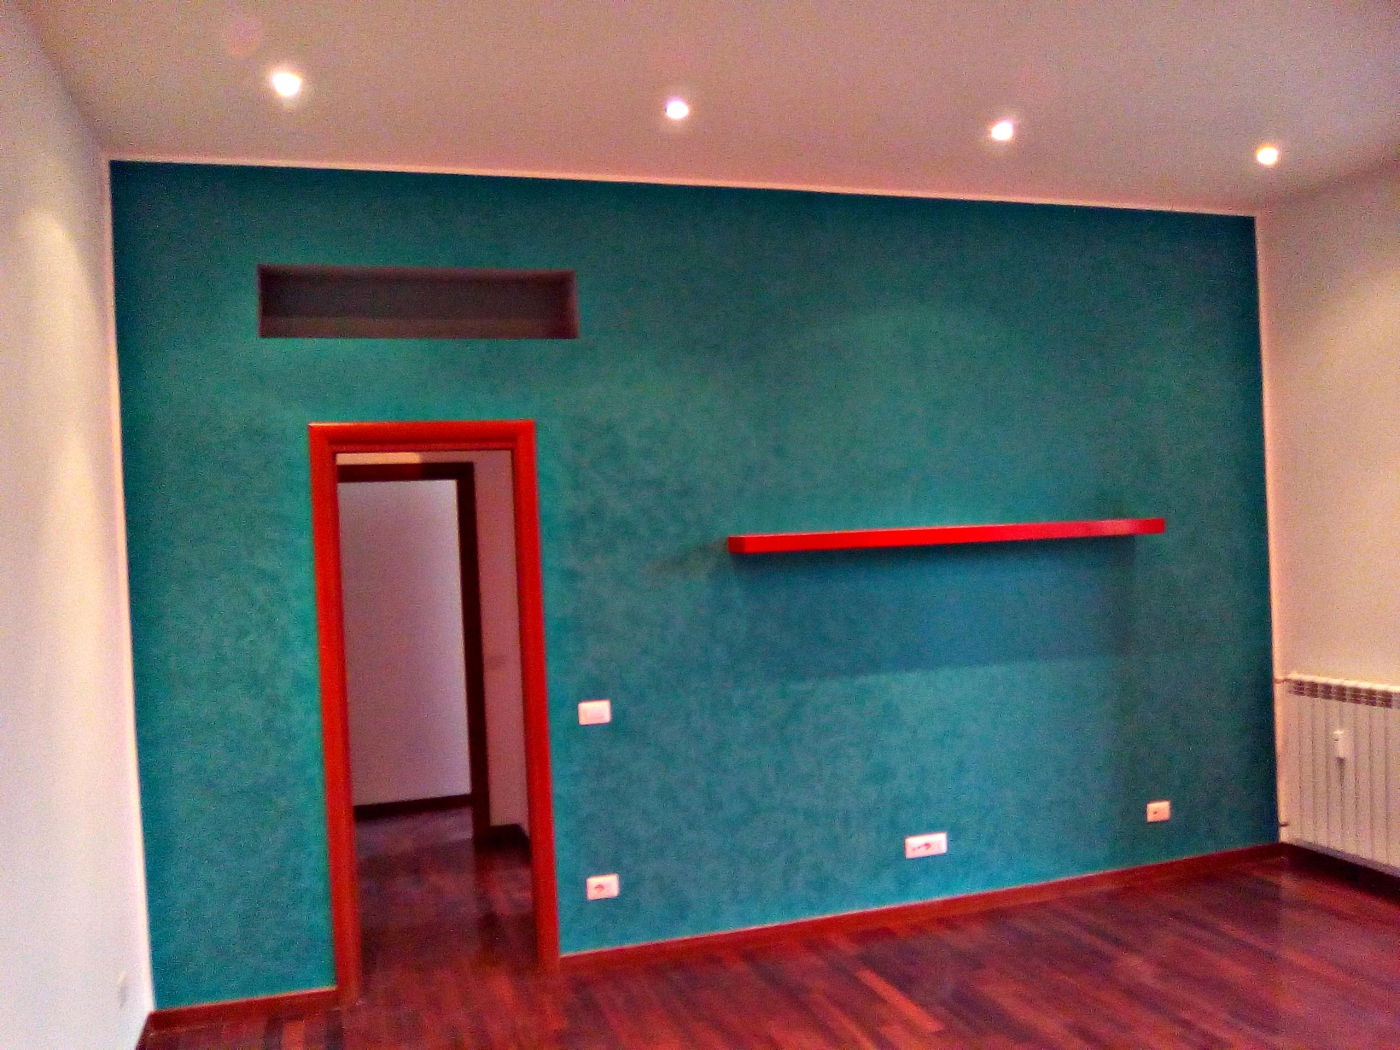 Costo tinteggiatura pareti al metro quadro preventivo - Costo casa al metro quadro ...